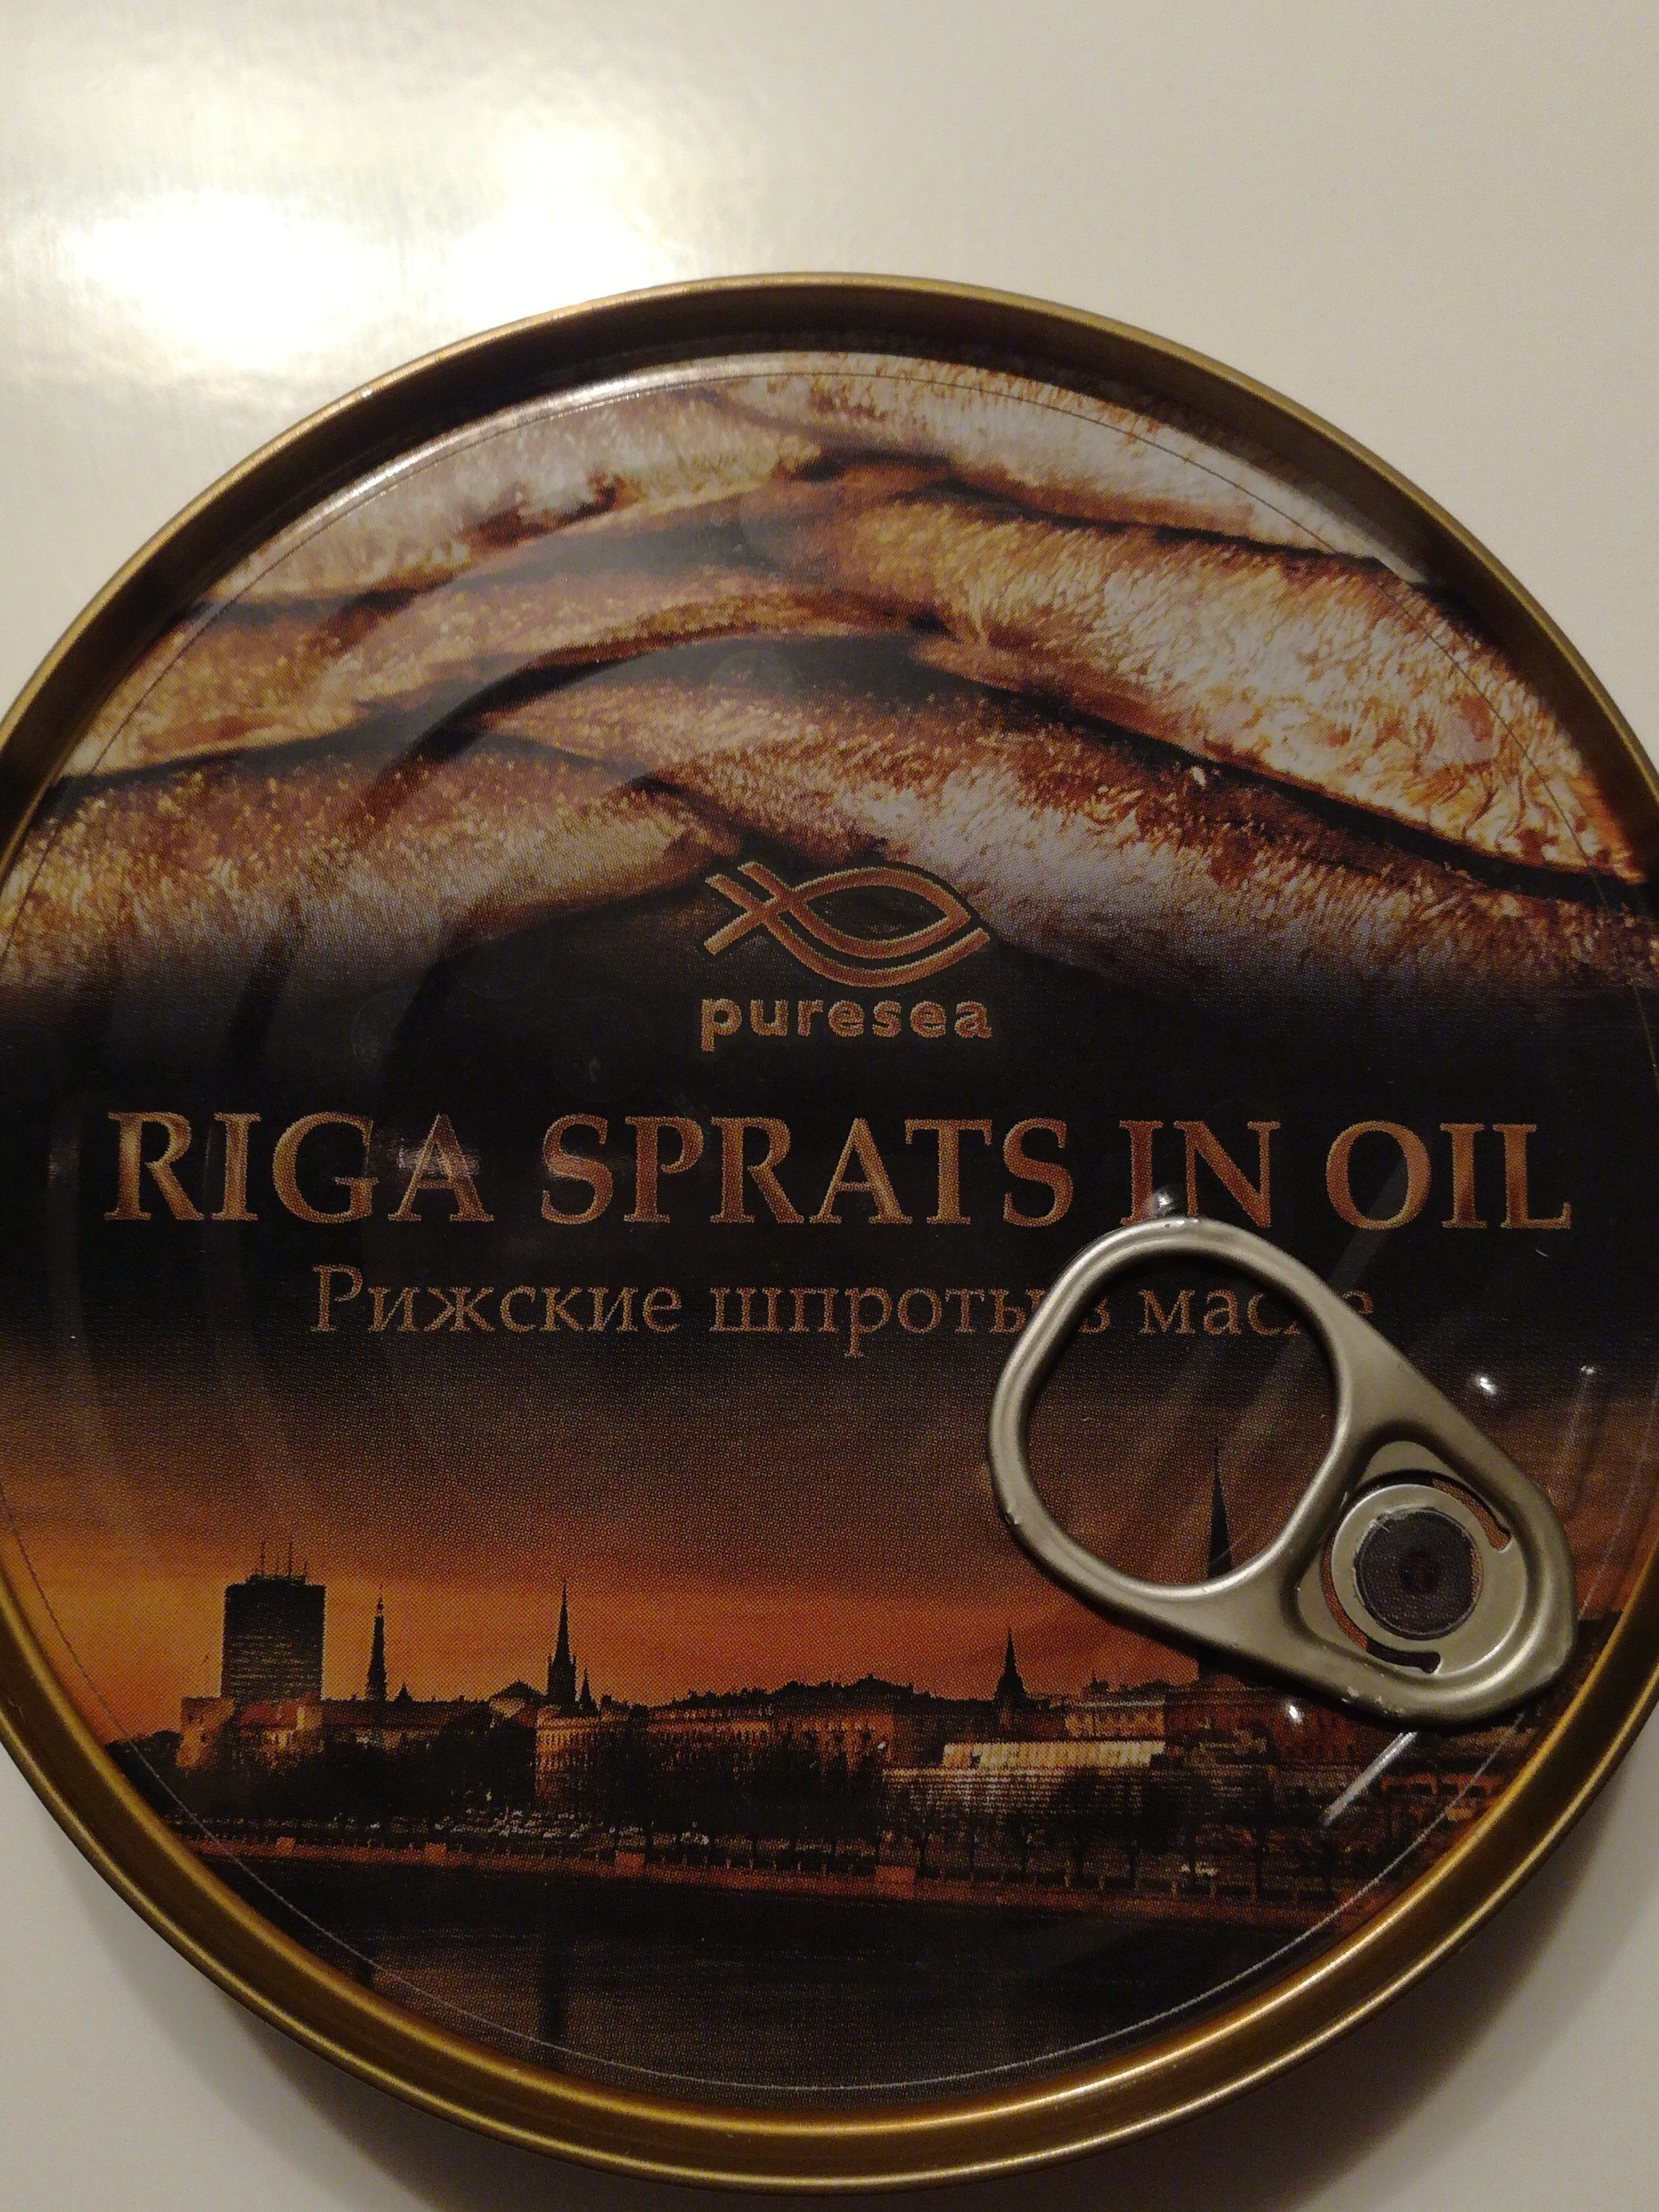 Riga Sprats fume in Oil - Ingrediënten